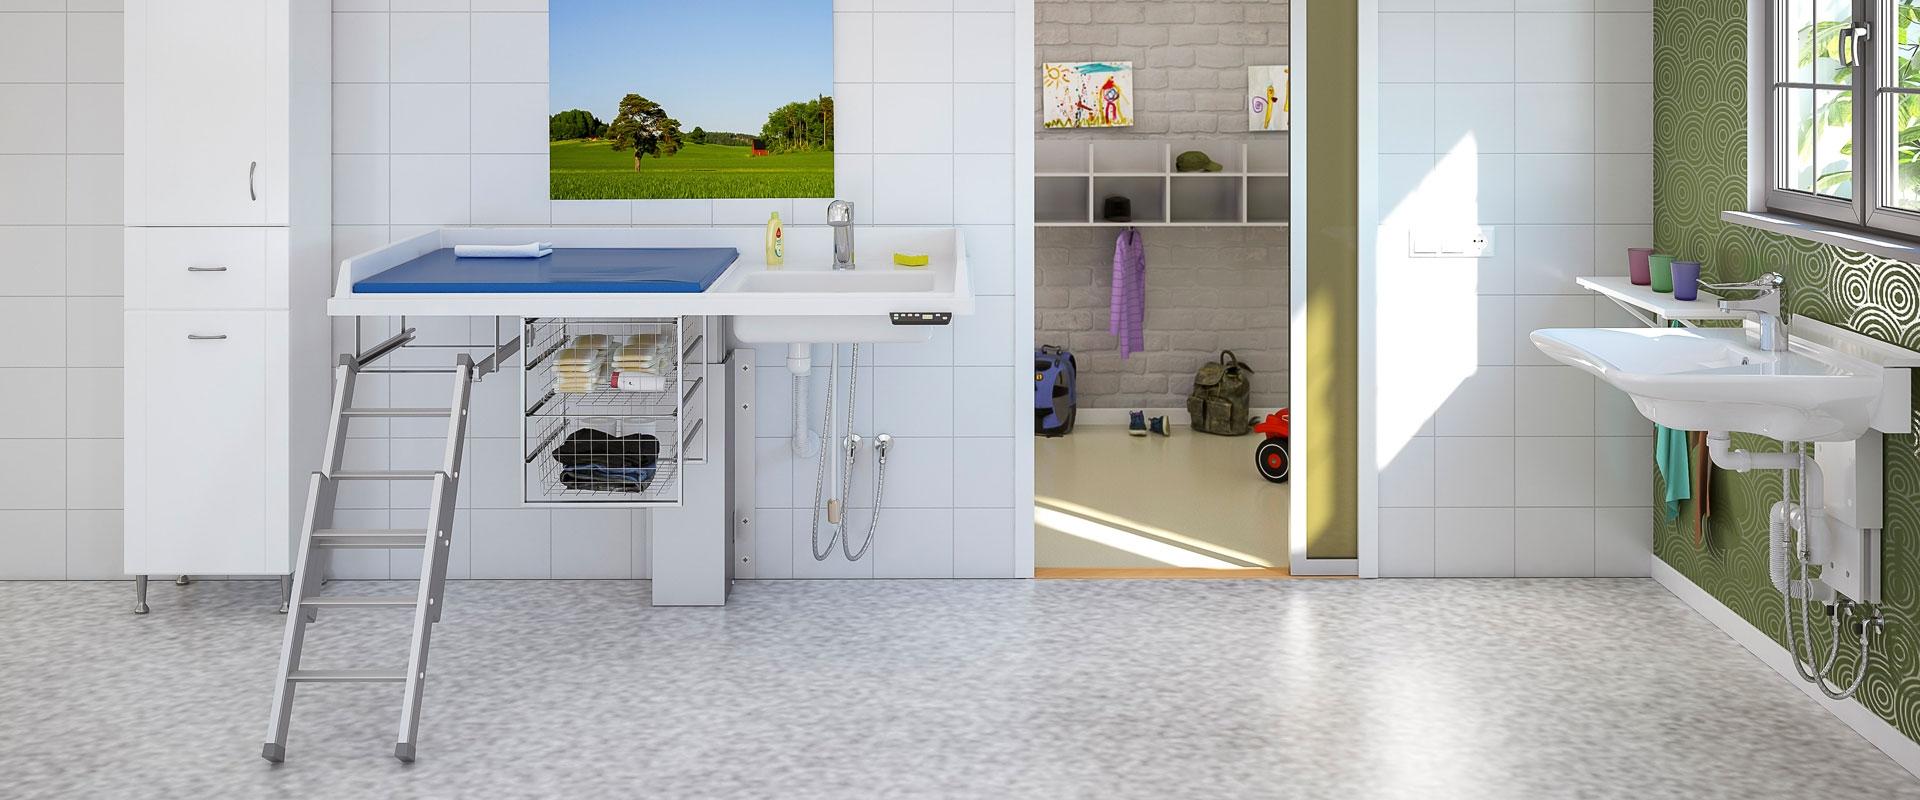 KID 335 - tvättho